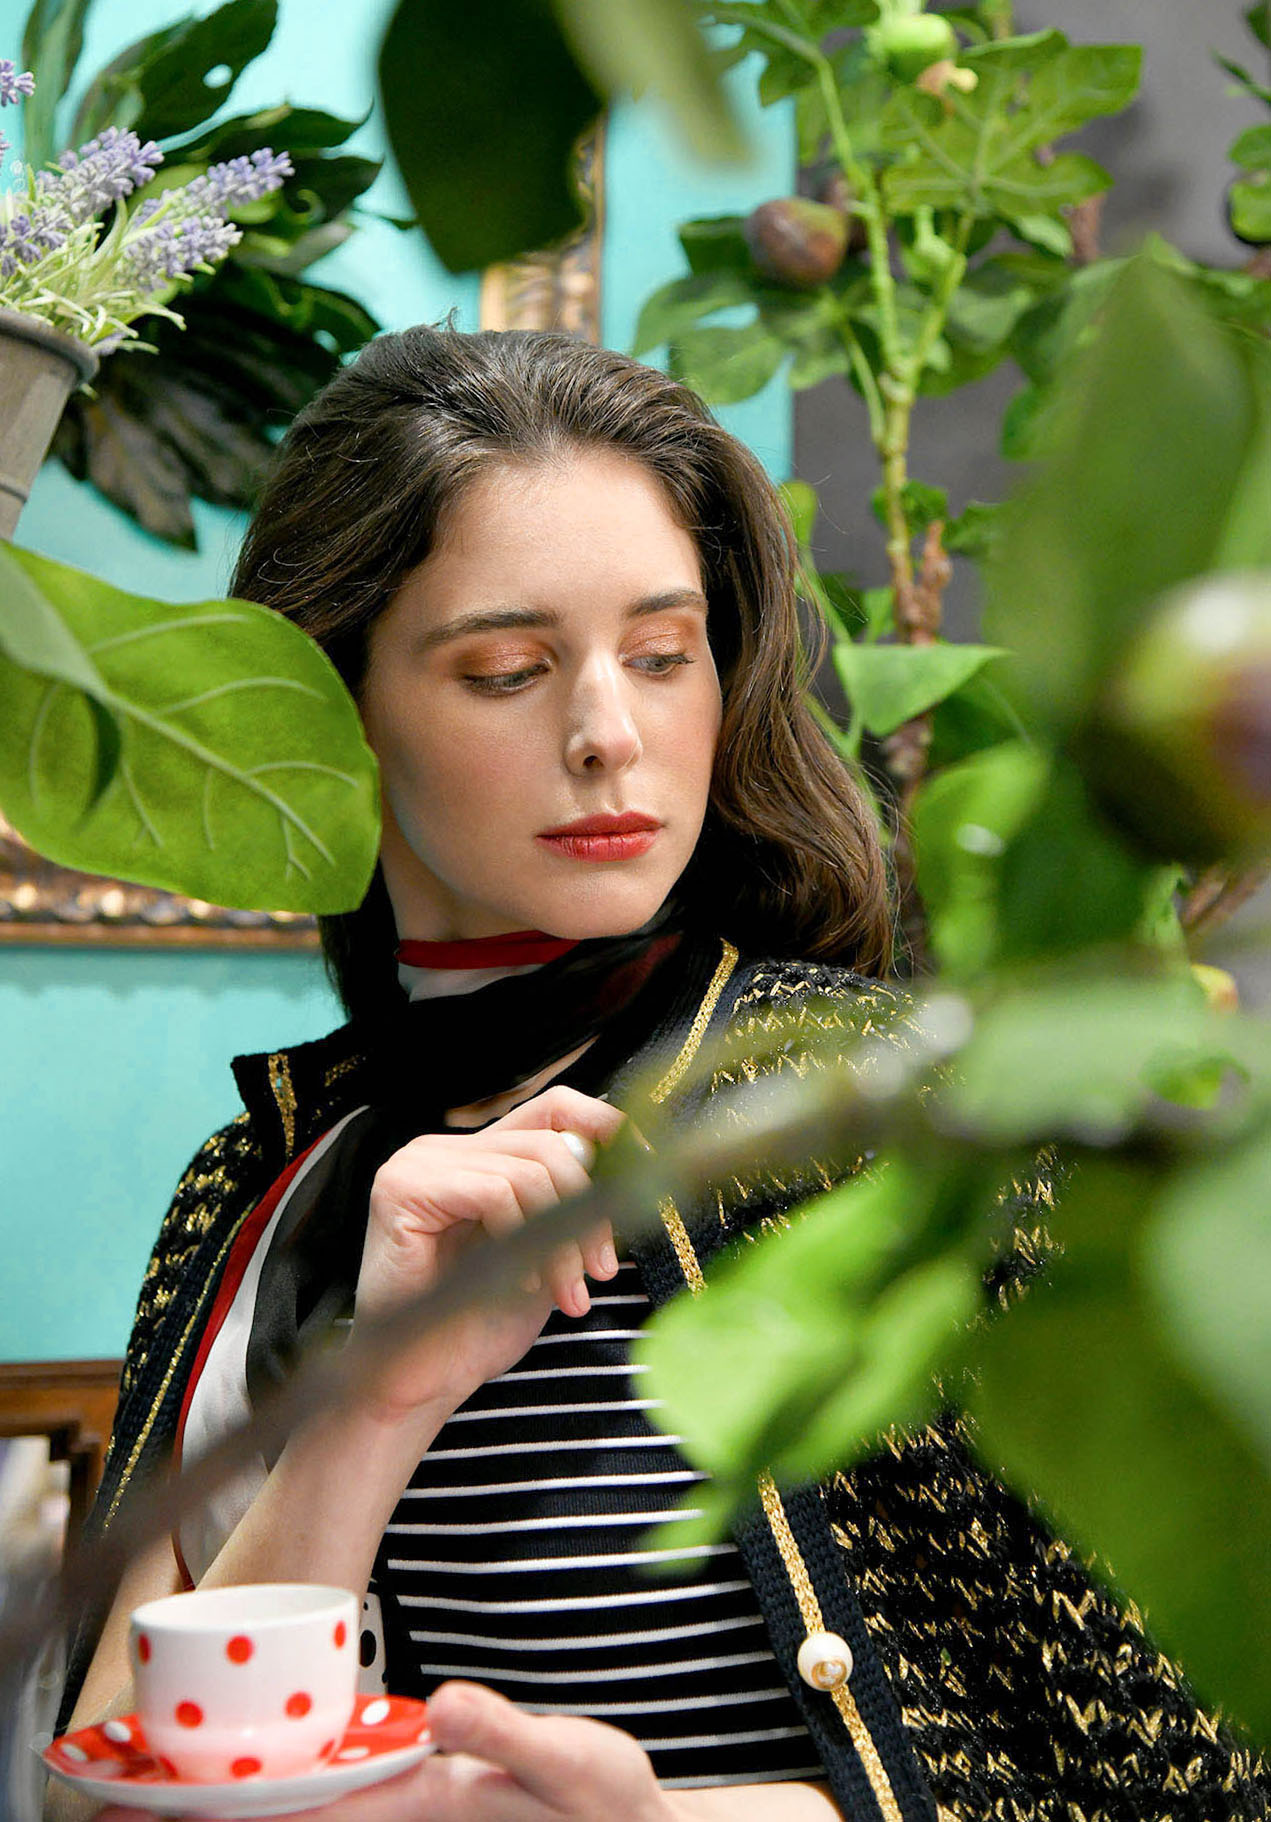 Chrissart predstavio proljetnu kampanju - savršen spoj cvjetne umjetnosti i visoke mode